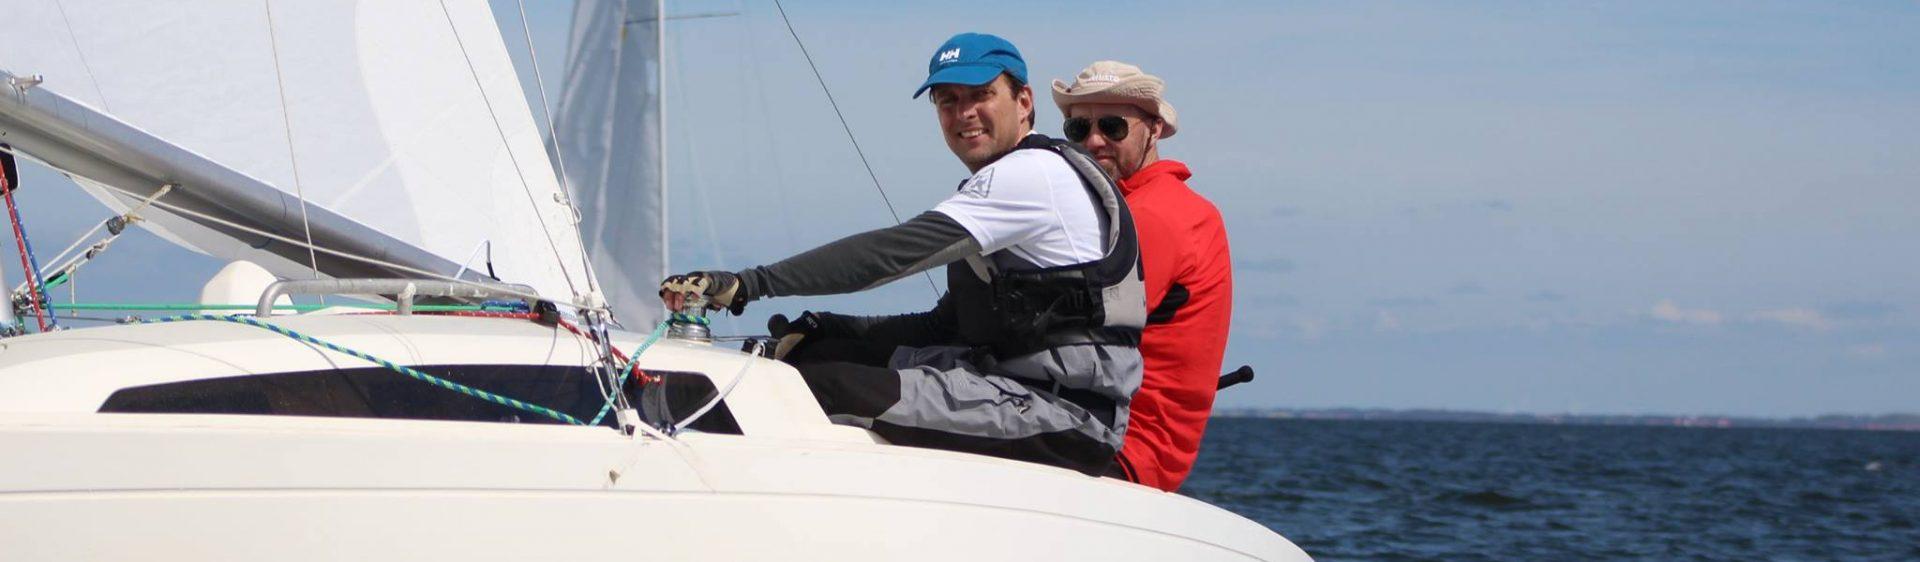 Struer Sejlklub  DM og H-båds ligastævne